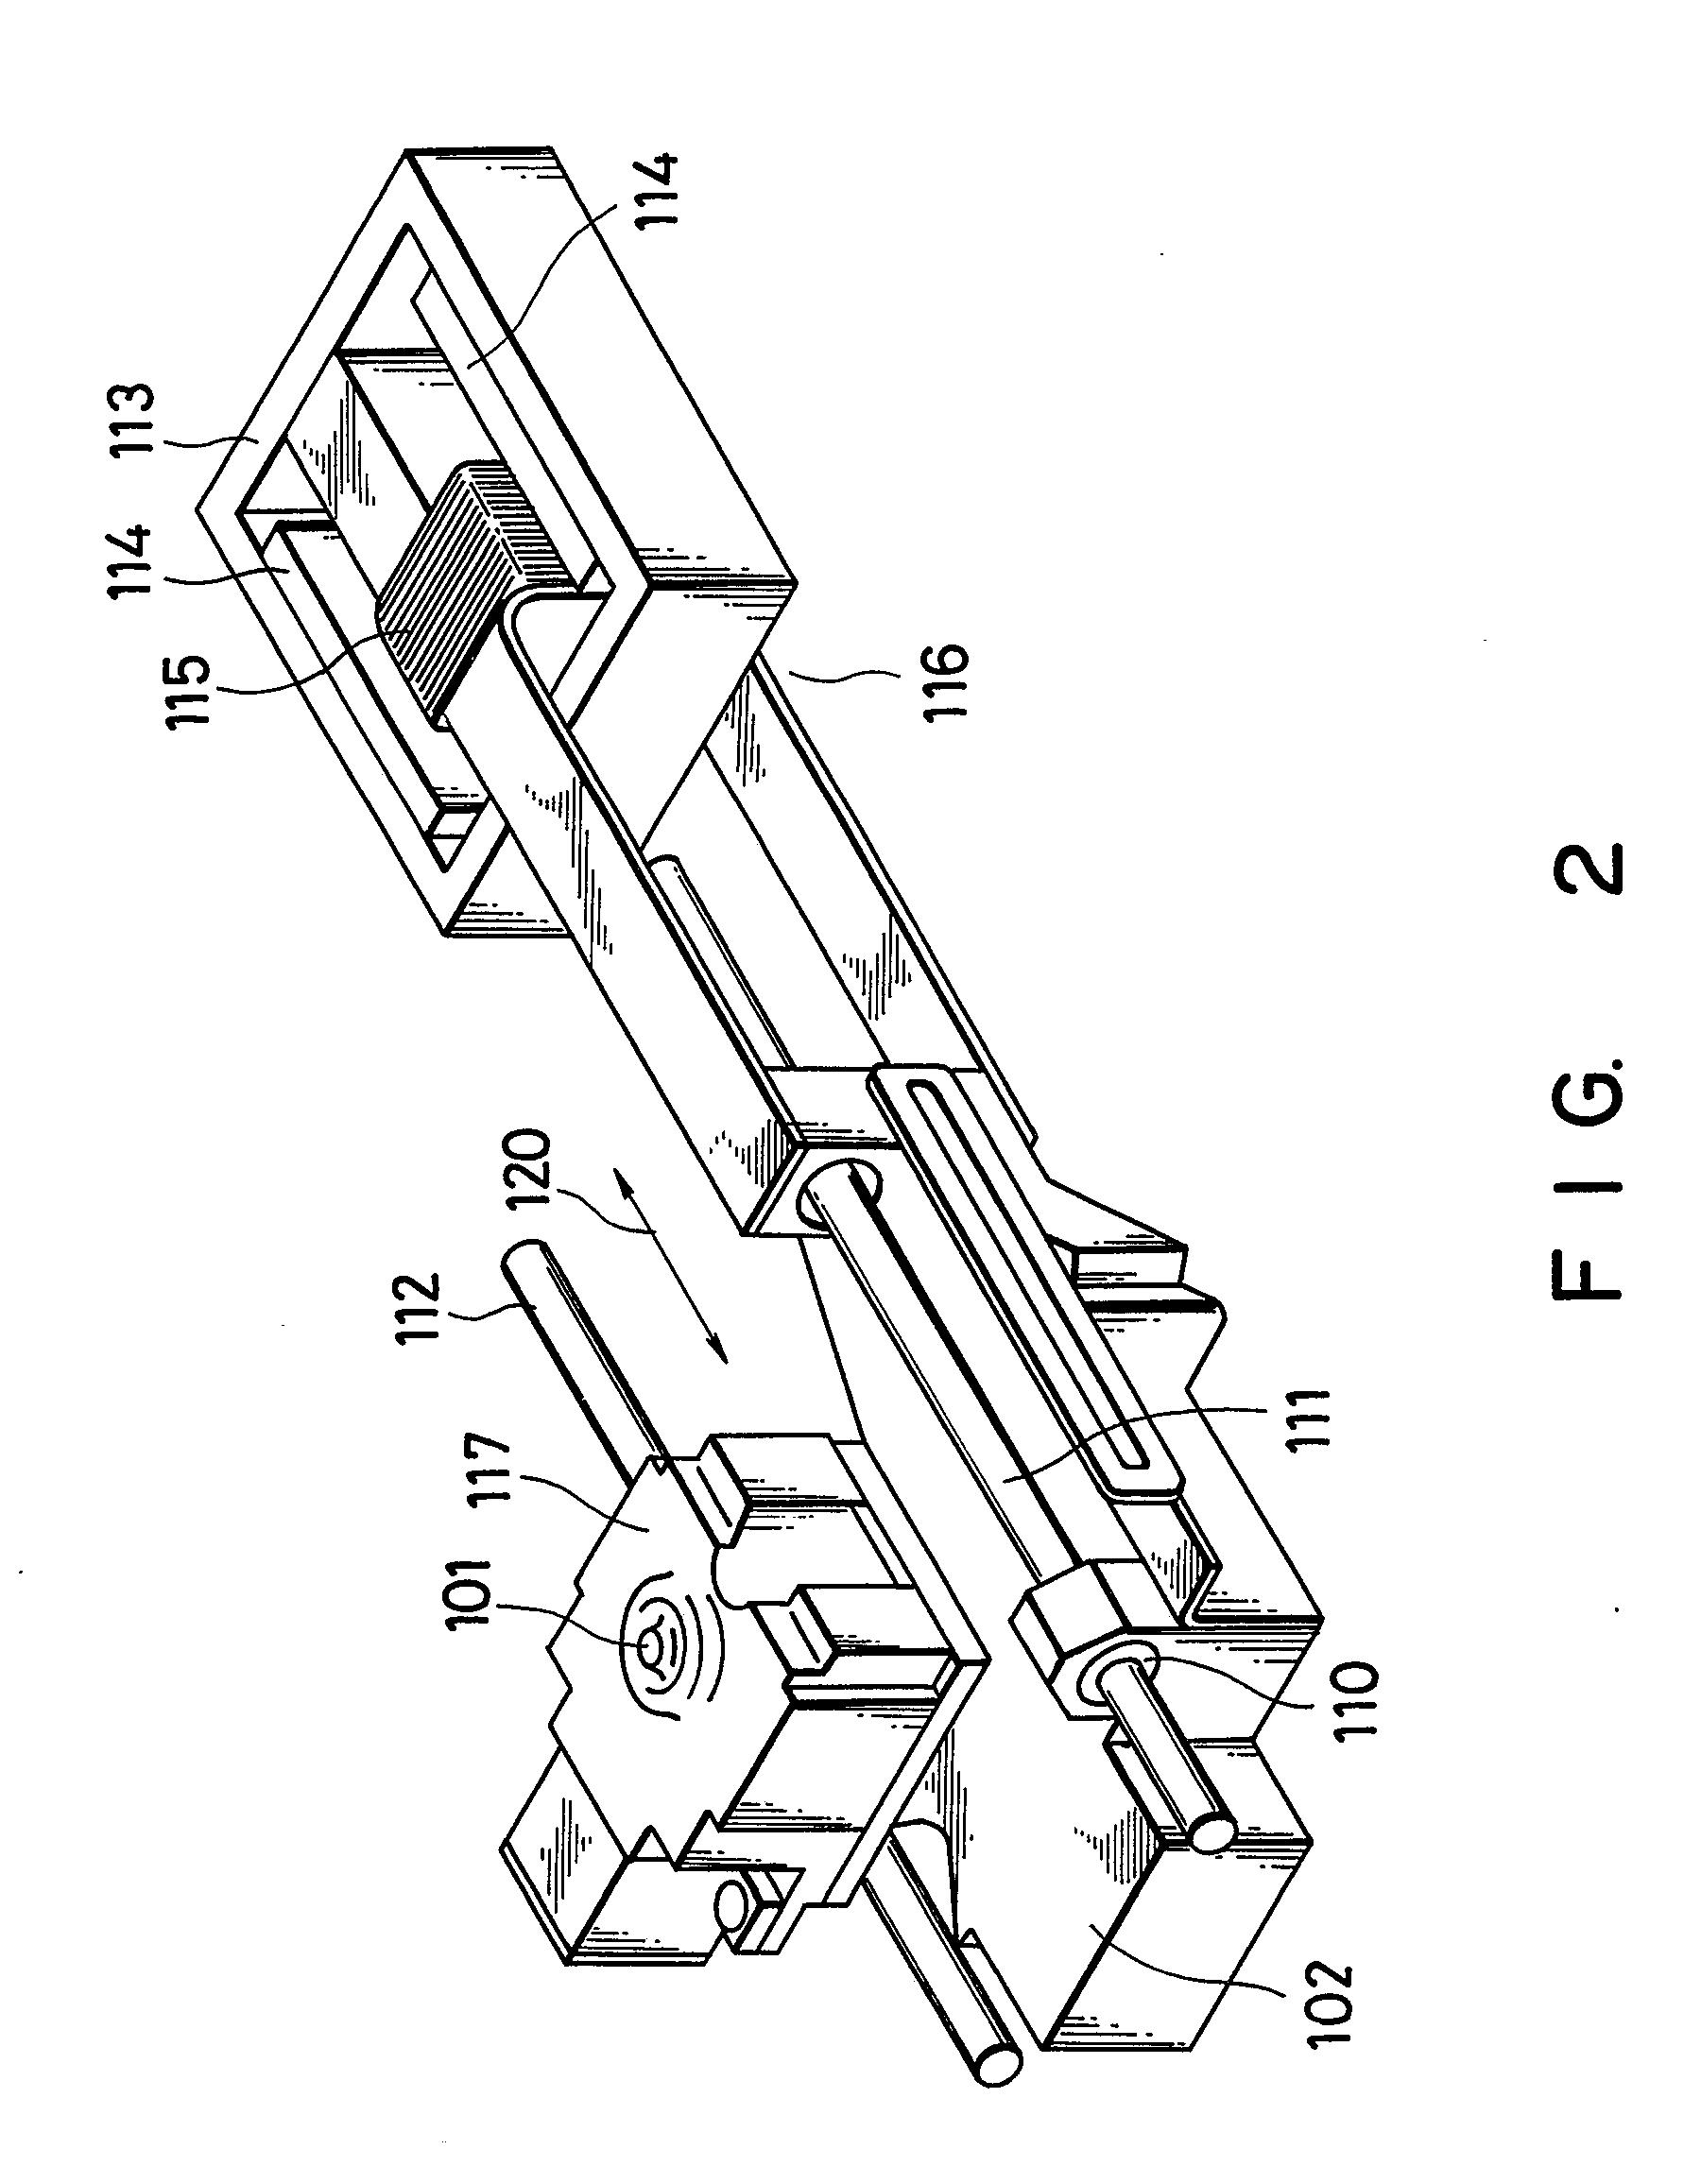 patente ep0400570a2